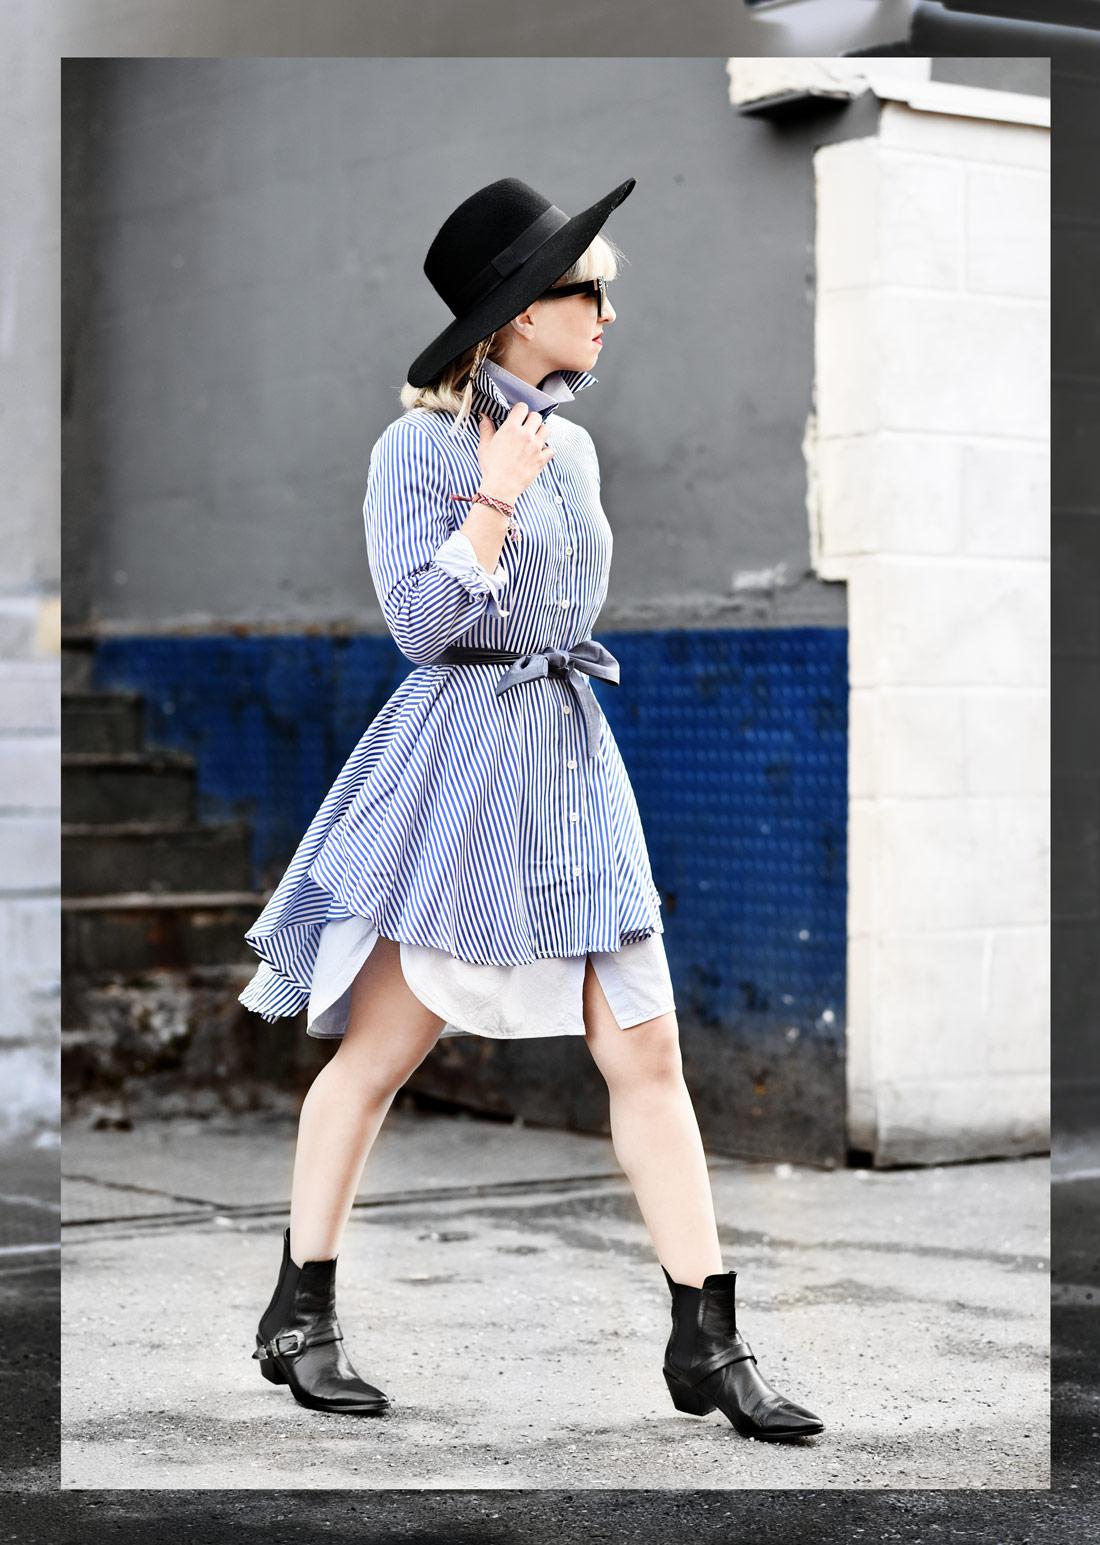 shein-ootd-blouse-dress-blusenkleid-kleid-streifen-blue-blau-nachgesternistvormorgen-modeblog-fashionblogger-muenchen-boots-cowboy-cute-suess-streetstyle-33